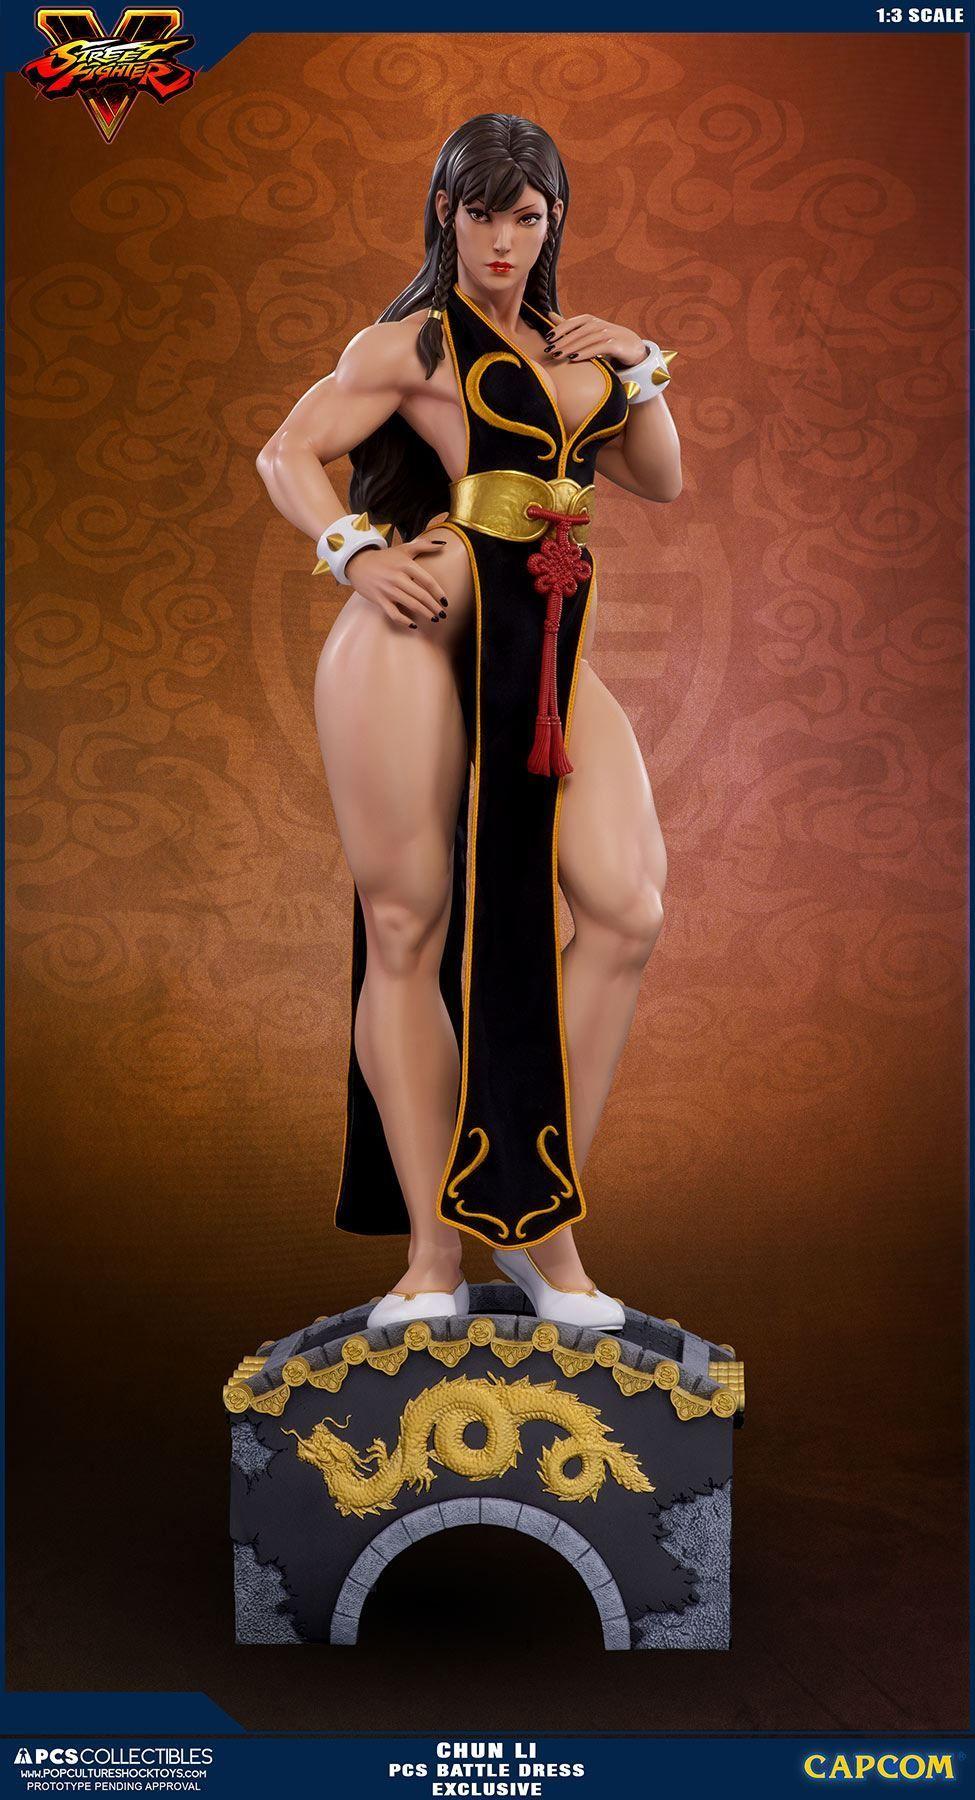 Chun Li 1 3 Legacy Set Ex Street Fighter Chun Li Statue